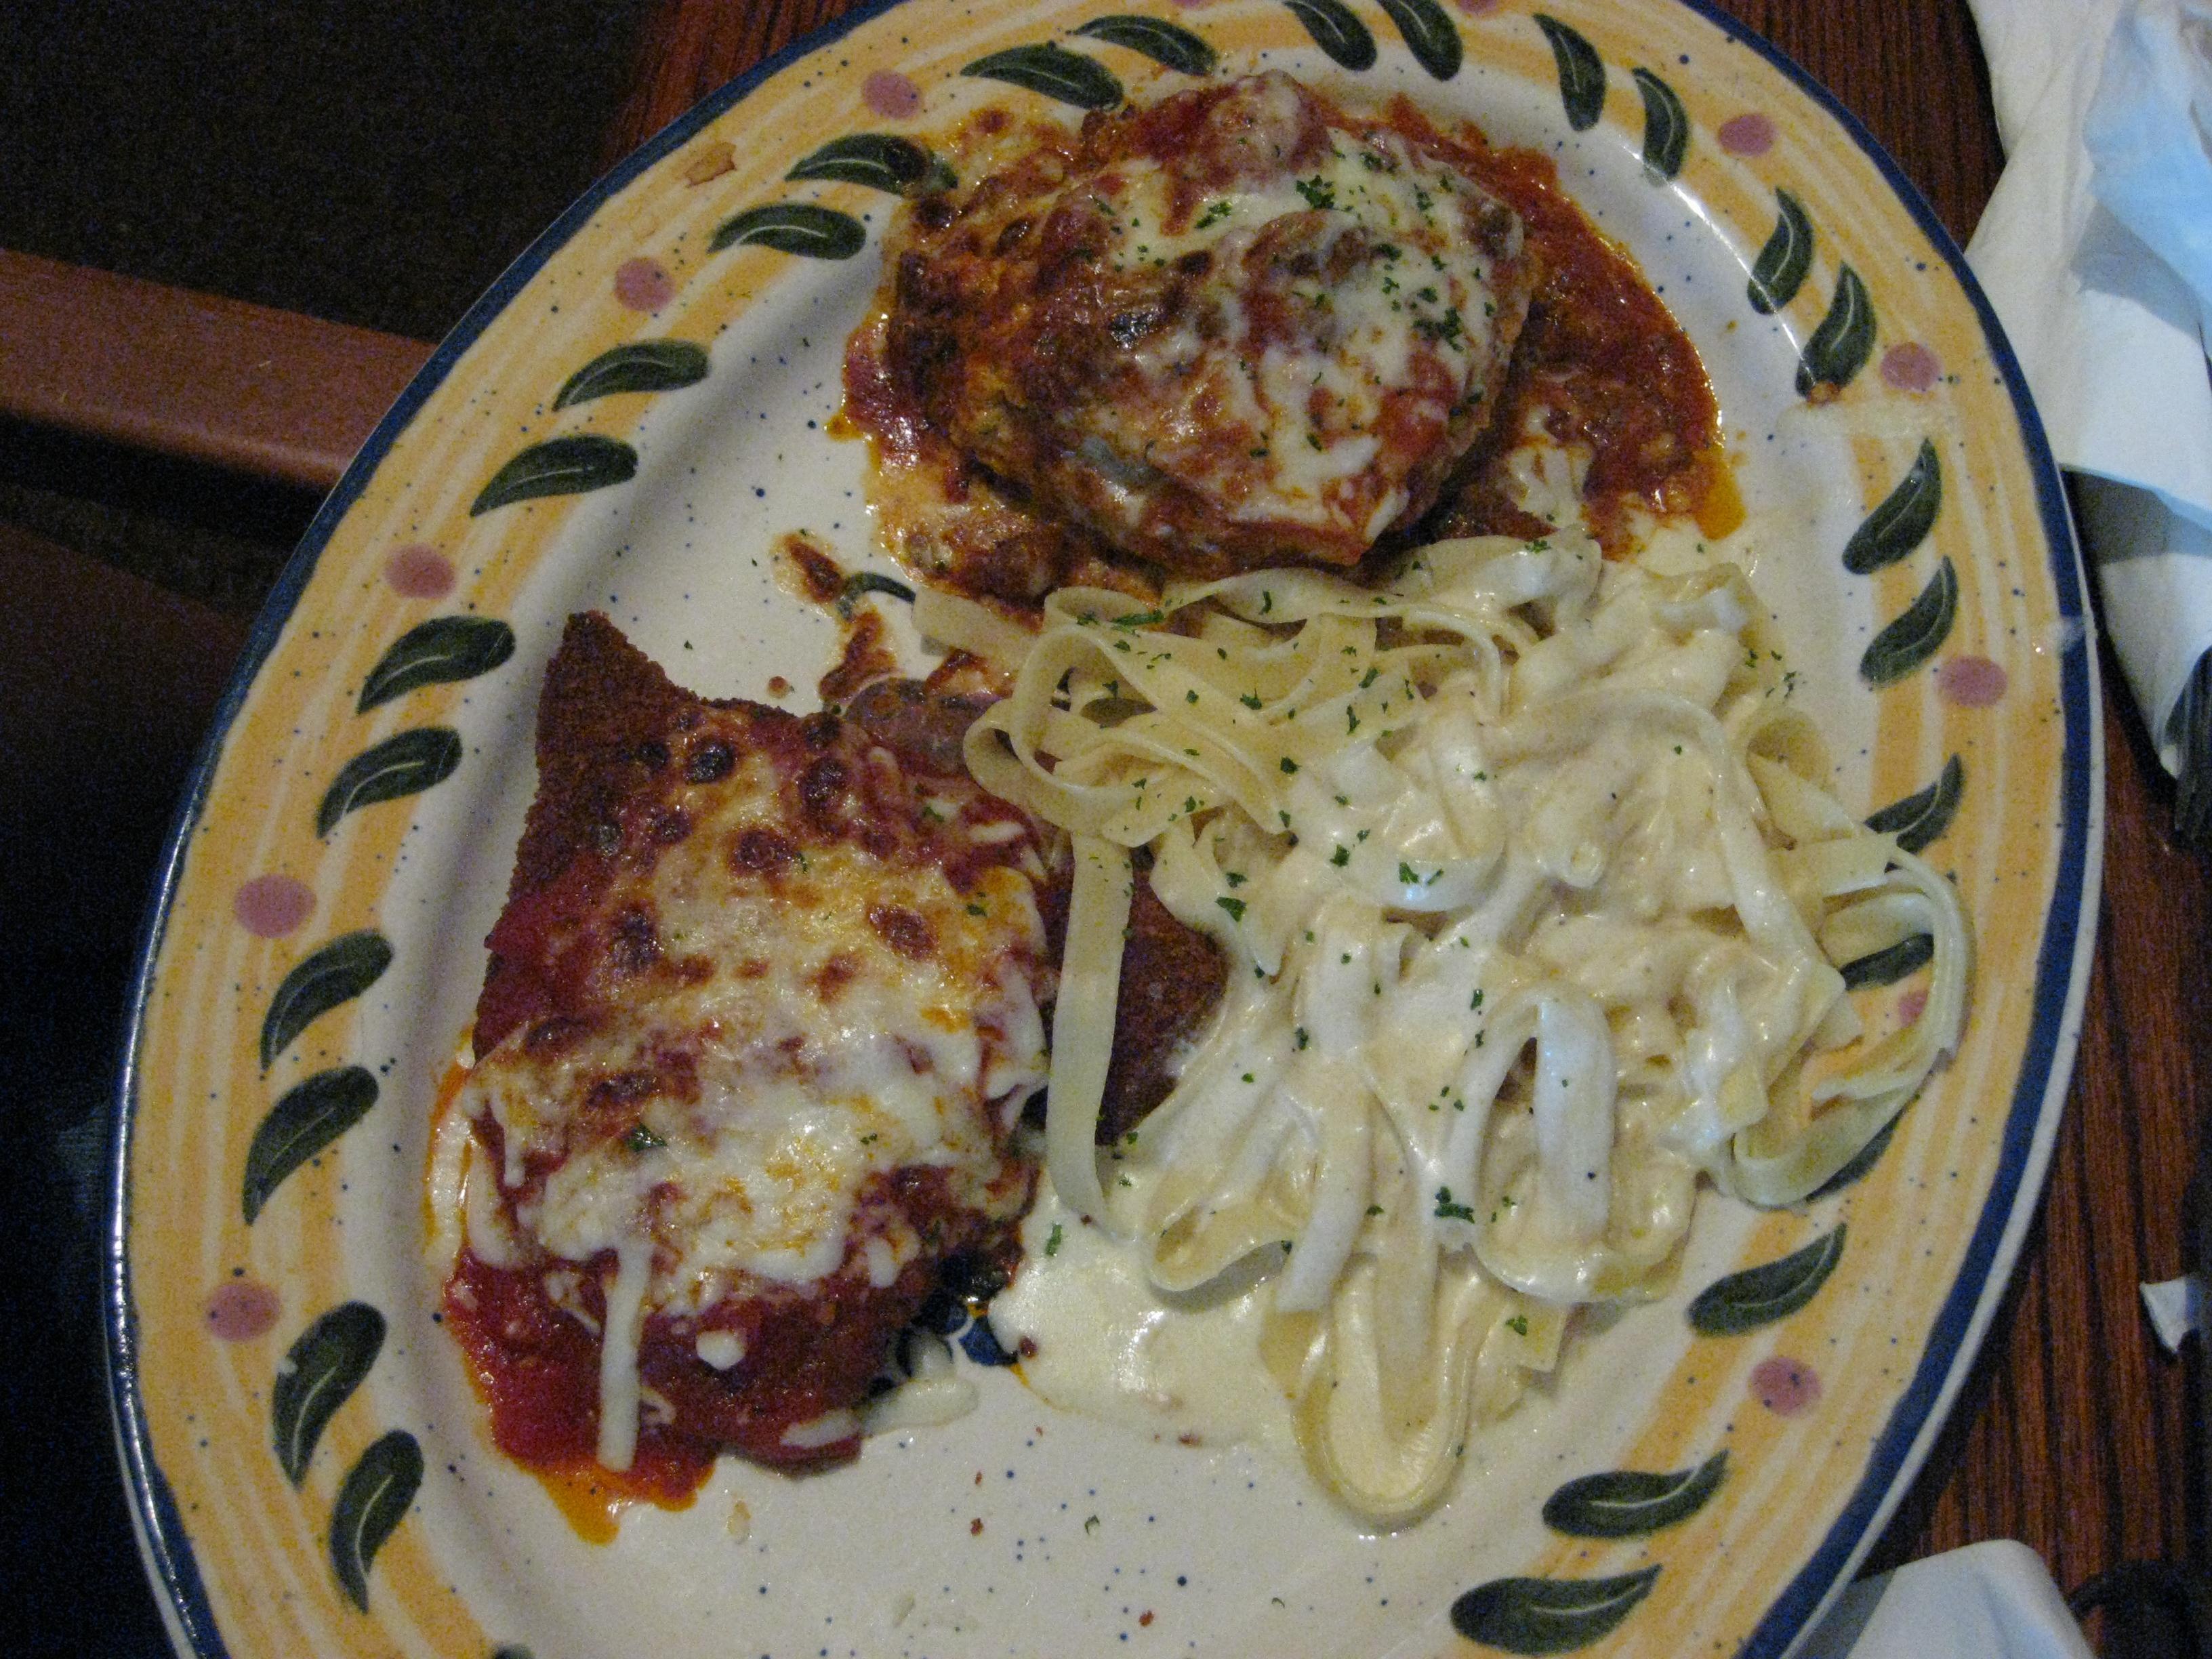 Olive Garden Flash Lunch Save 15 25 Back This Week Thru 6 28